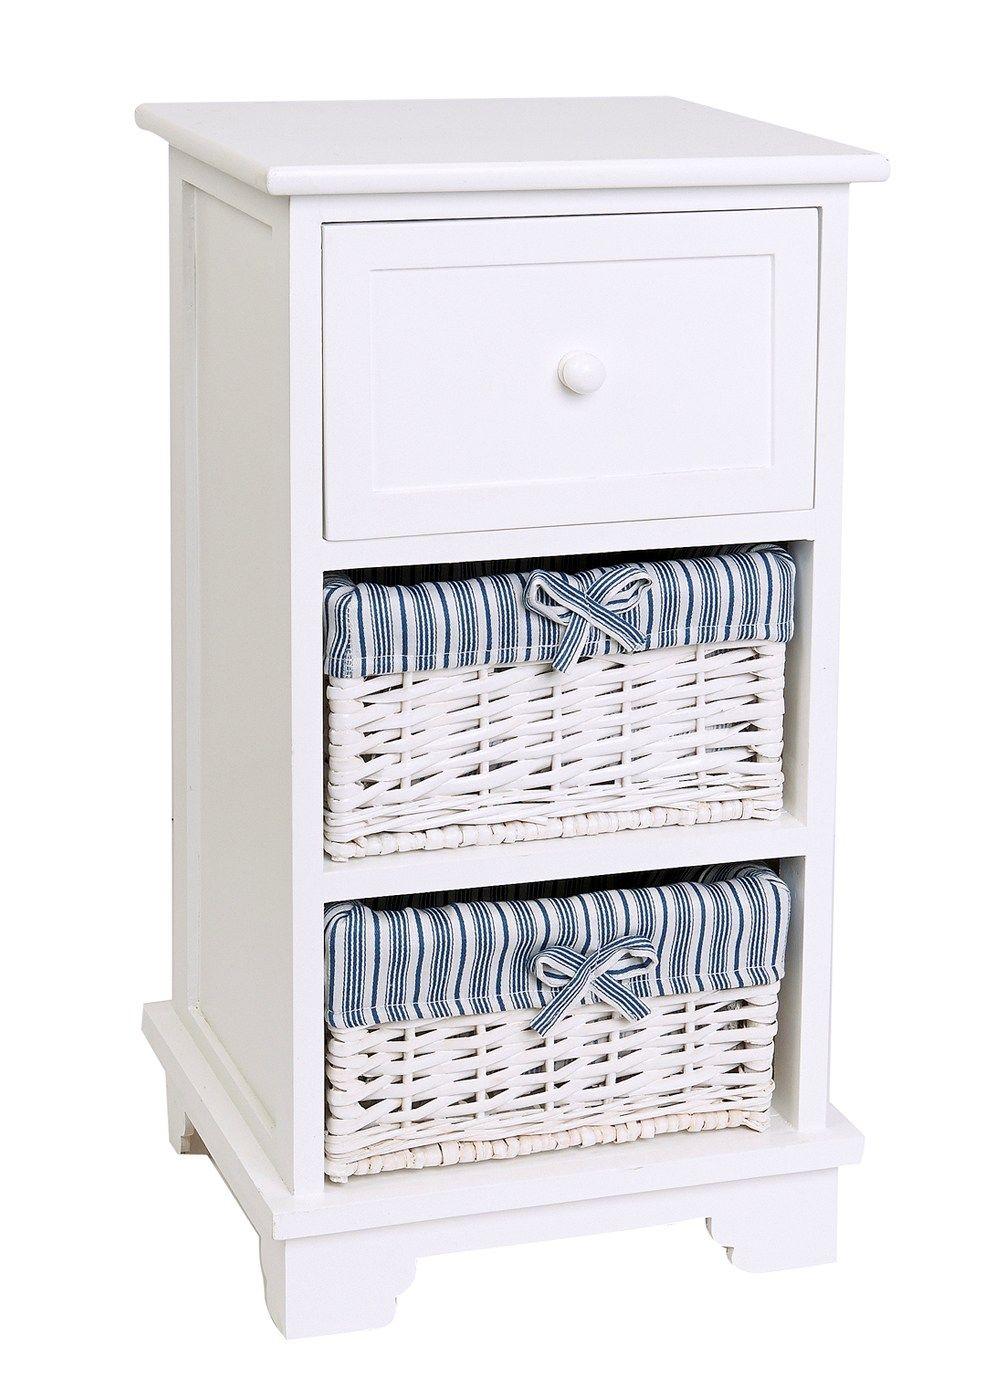 Wooden Cabinet Unit With Baskets (34cm x 30cm x 65.5cm) - Matalan  sc 1 st  Pinterest & Wooden Cabinet Unit With Baskets (34cm x 30cm x 65.5cm) - Matalan ...